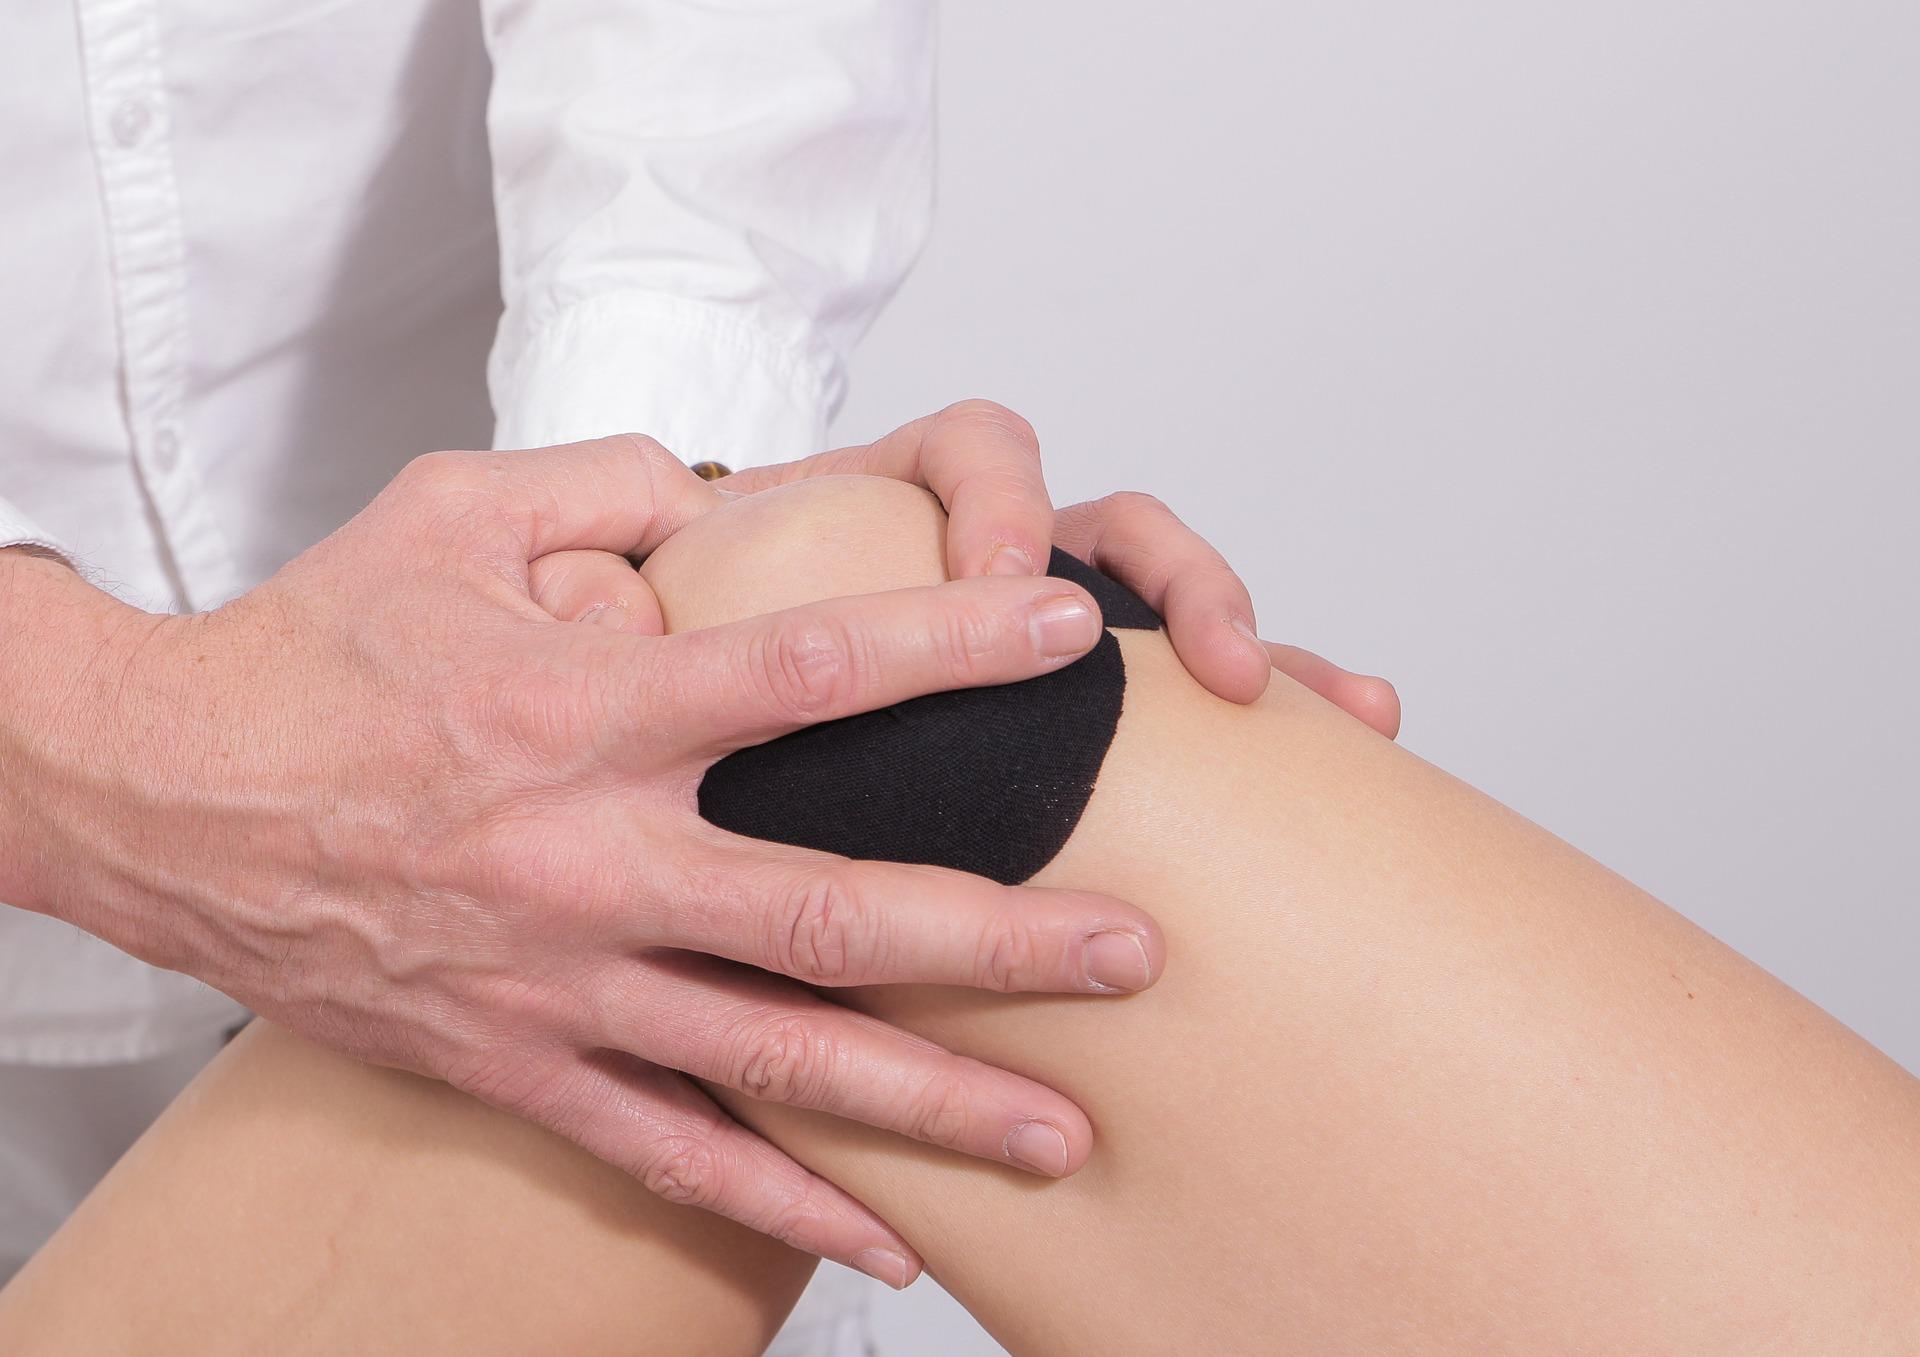 Φυσικοθεραπεία σε οστεοαρθρίτιδα ισχίου ή γόνατος